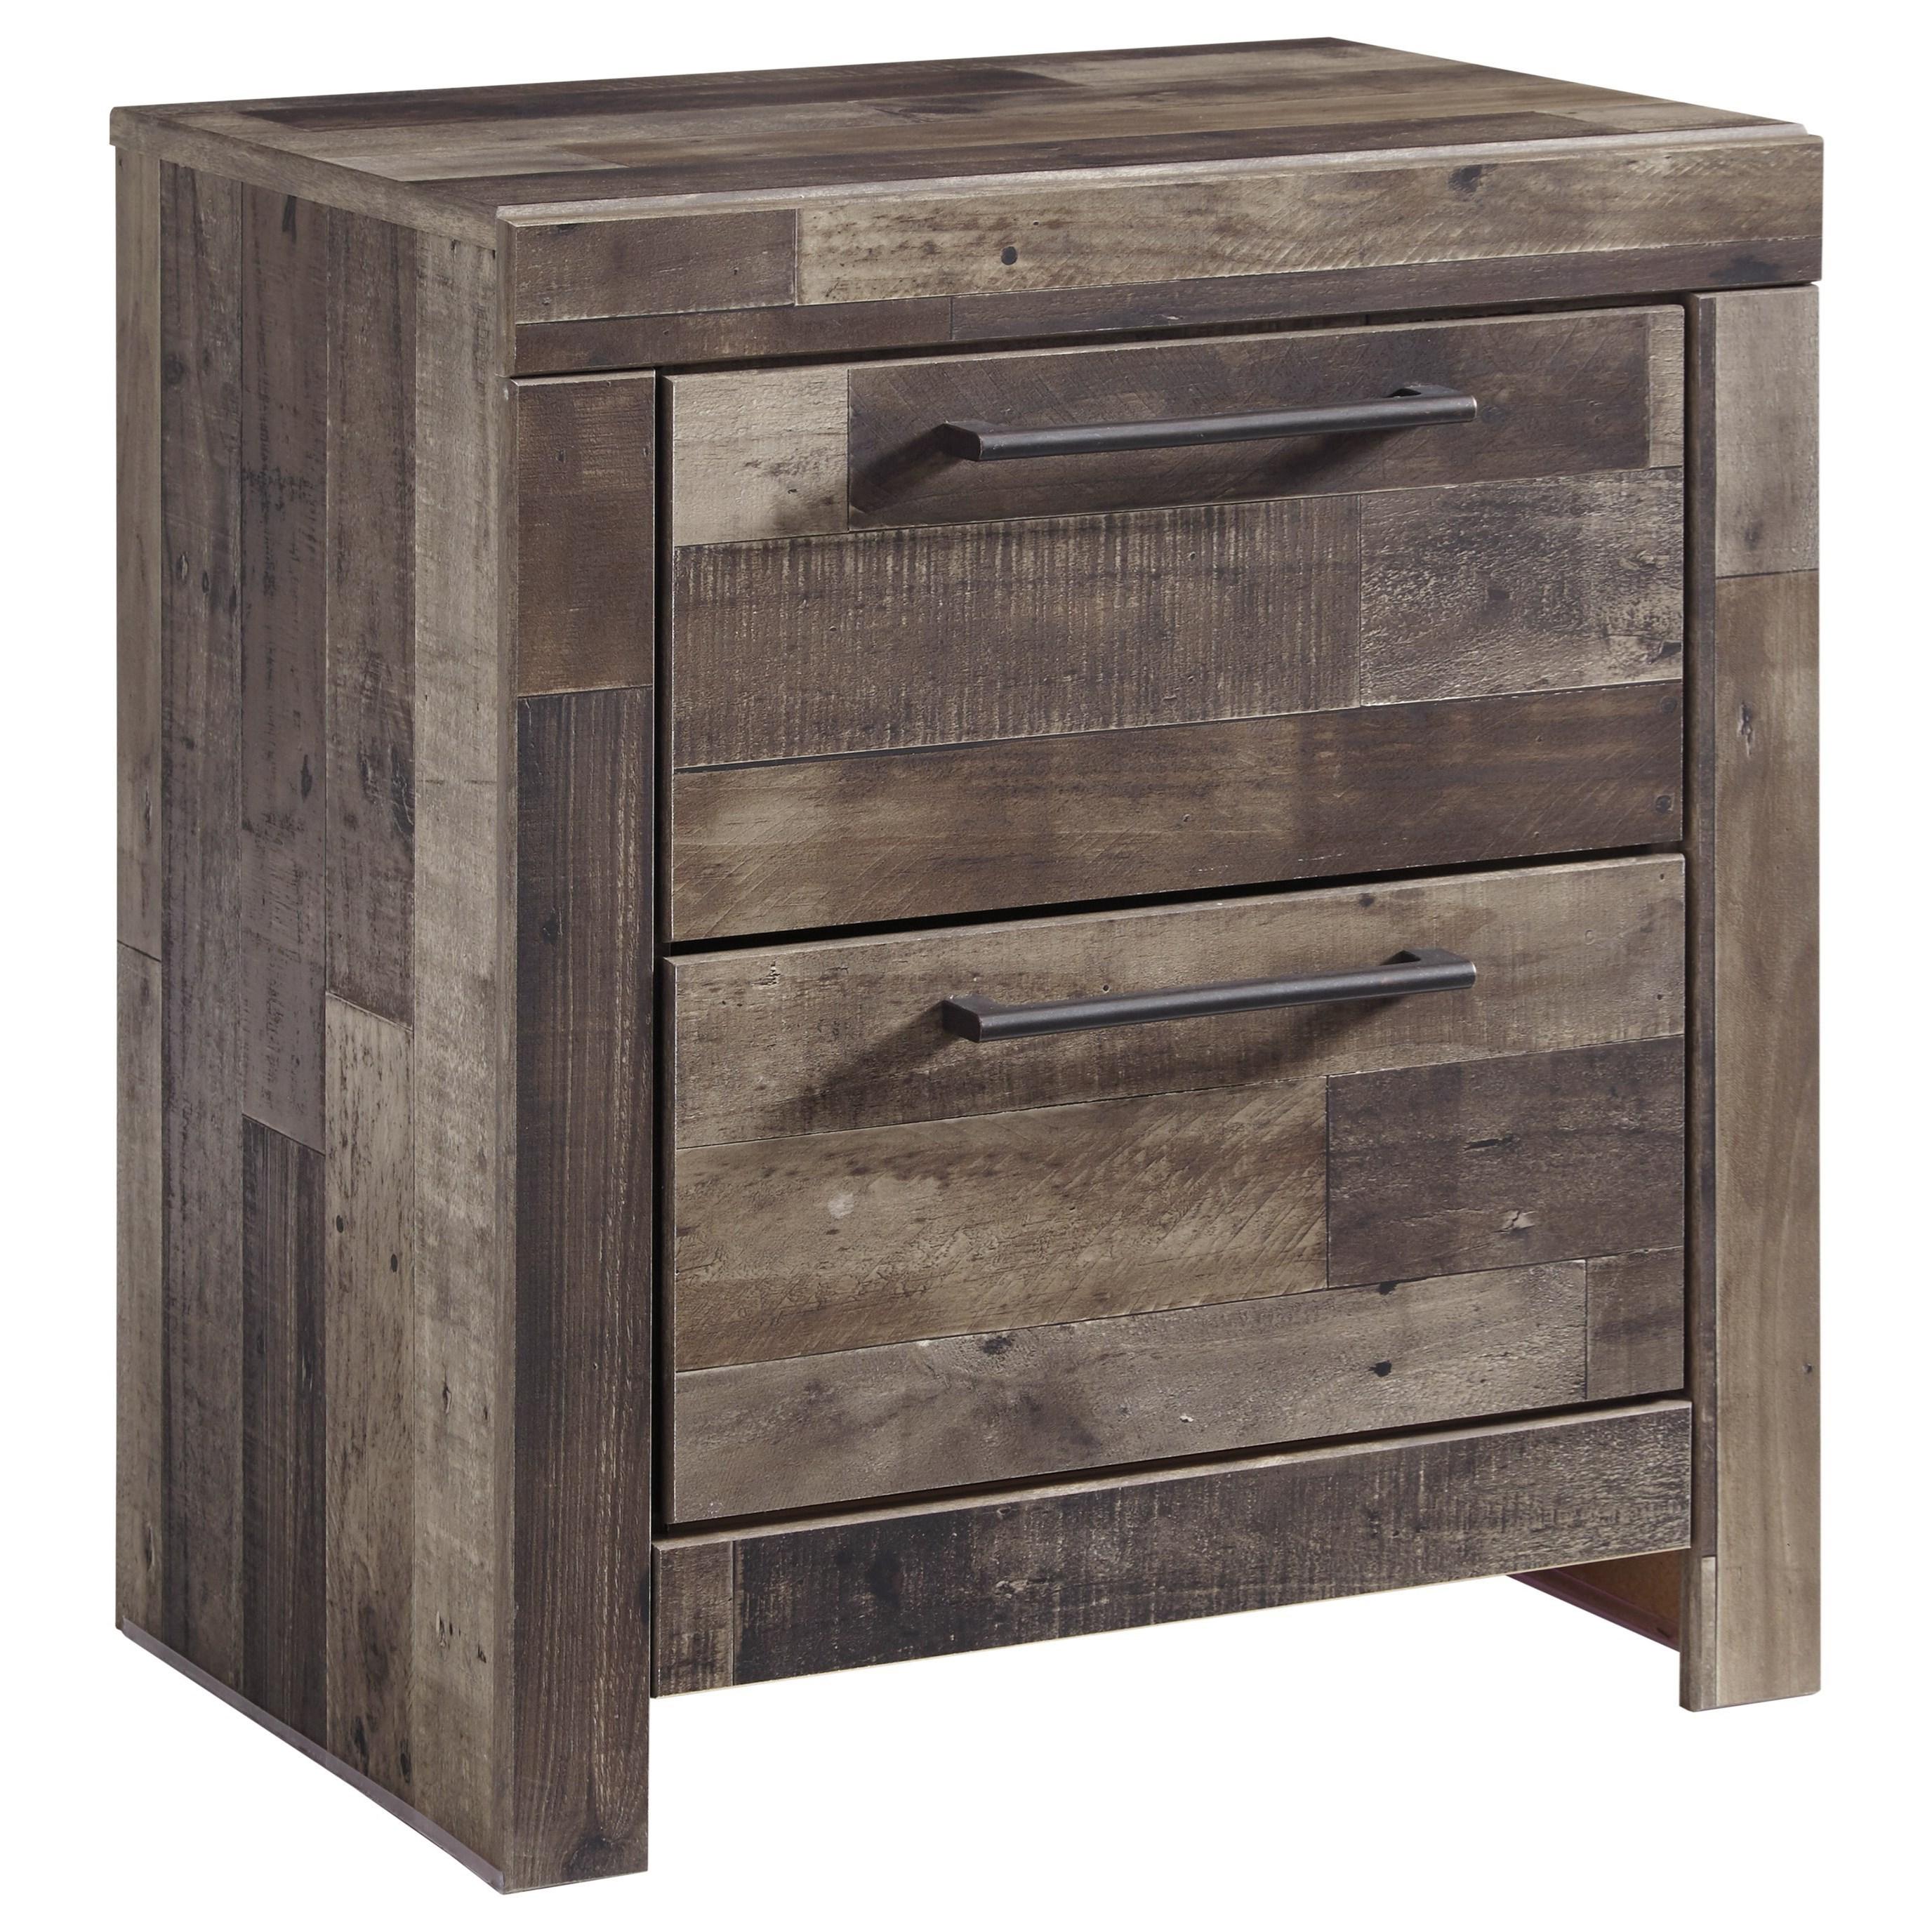 Derekson 2-Drawer Nightstand by Benchcraft at Pilgrim Furniture City